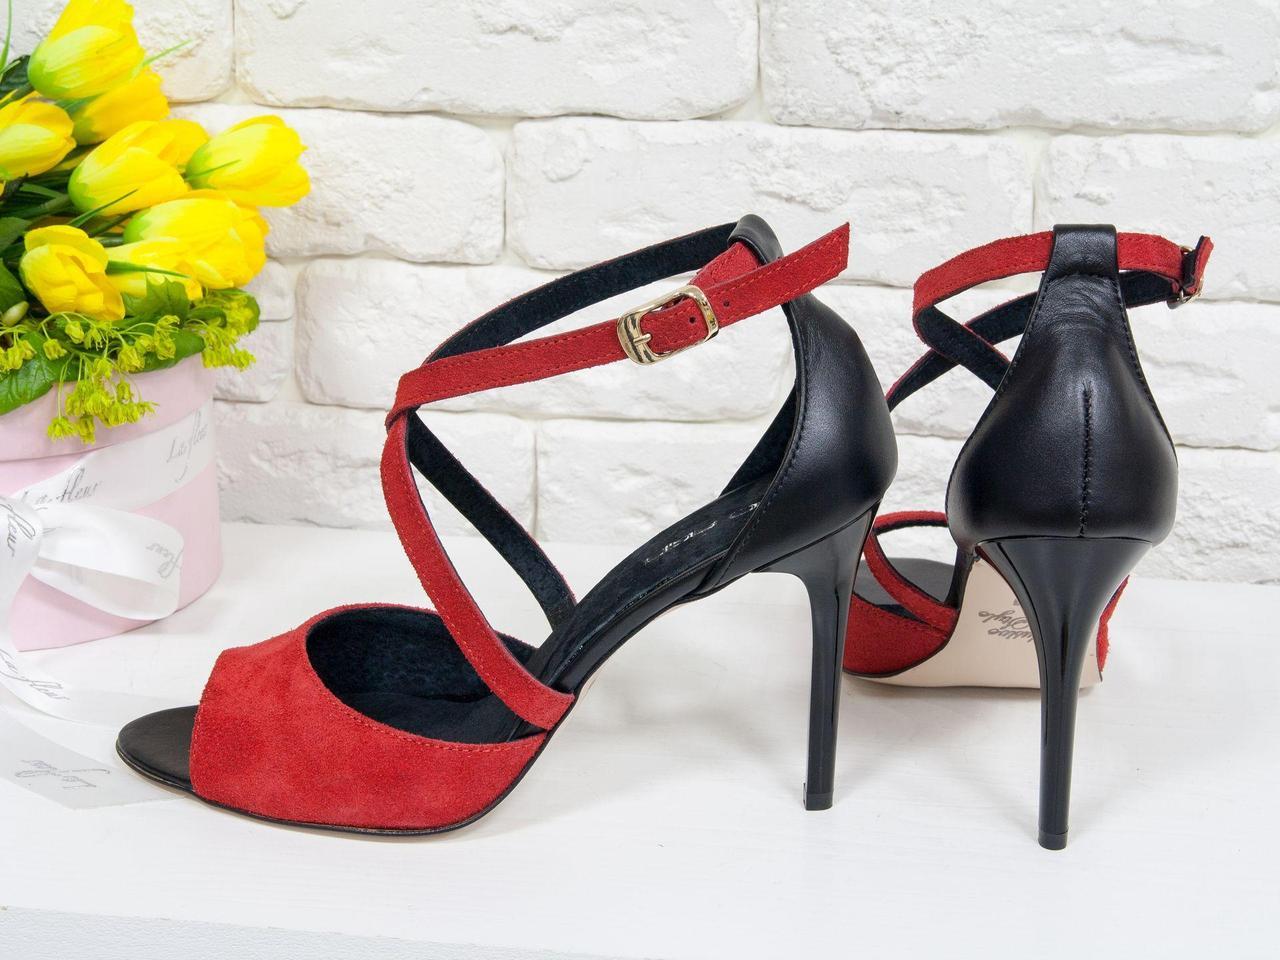 Туфли, на каблуке-шпильке, из натуральной кожи черного цвета и ярко красной замши, С-17043